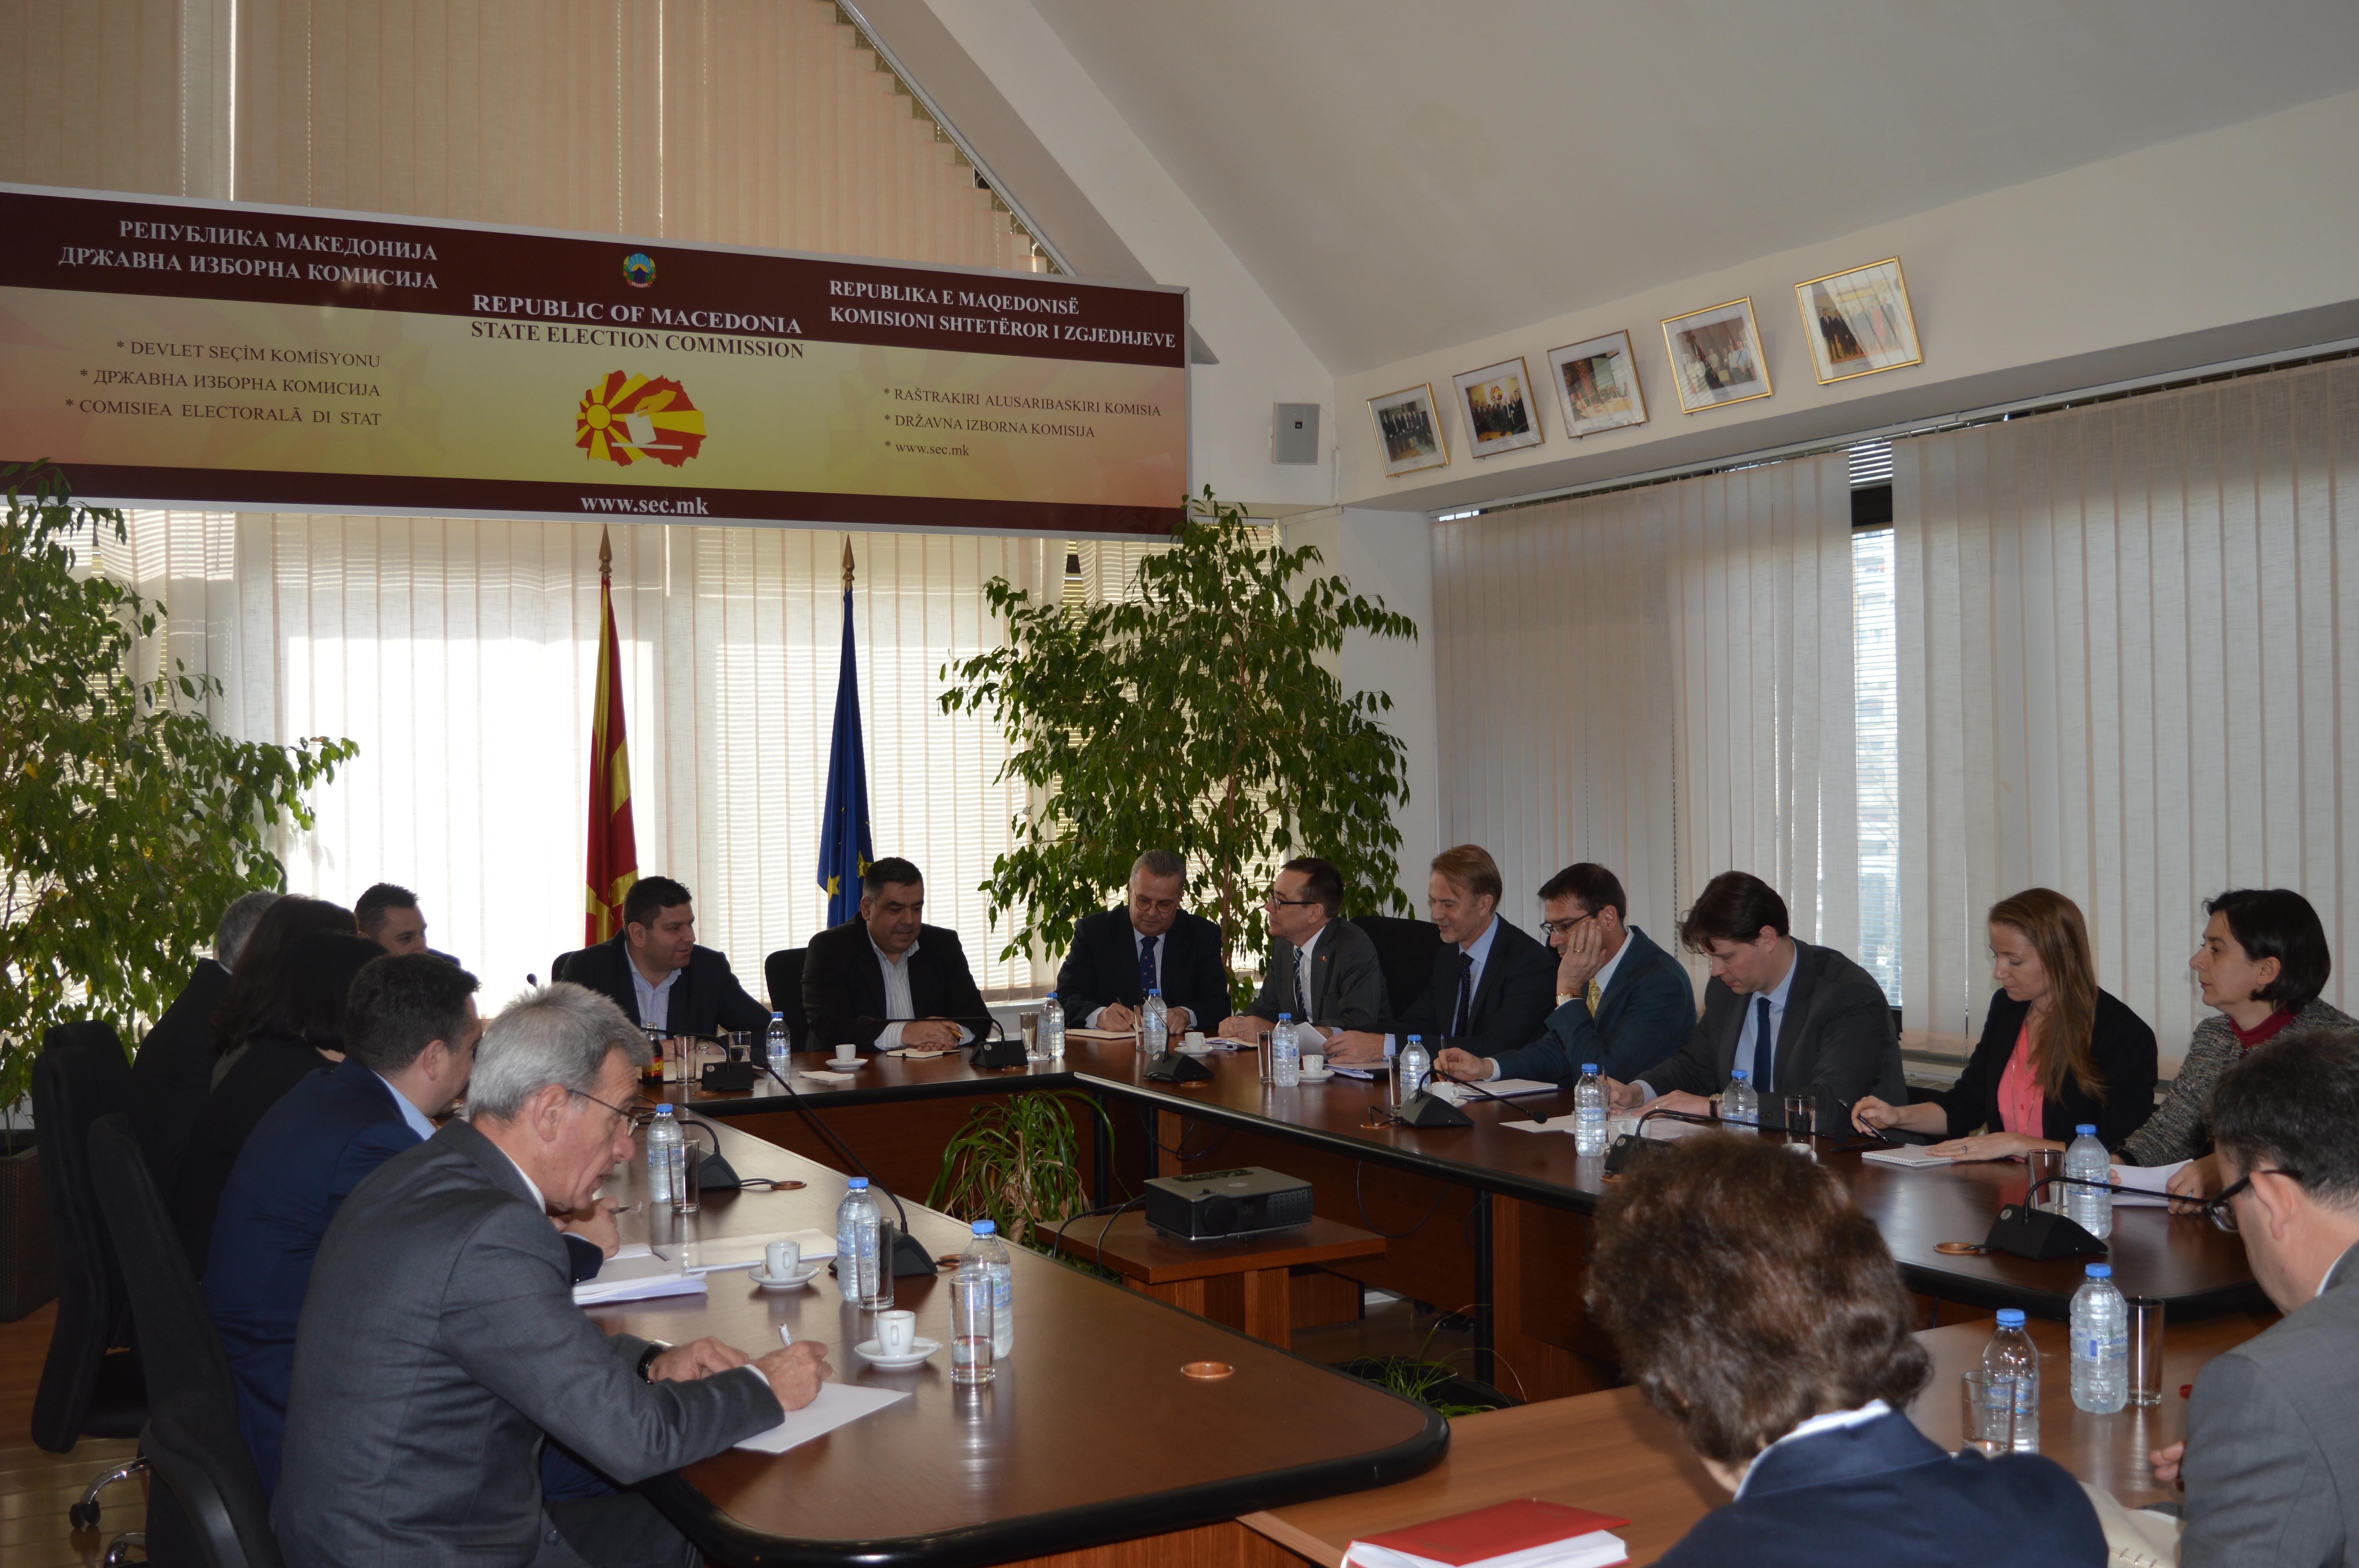 """""""Дневник"""": За четири години на СДСМ двојно повеќе нови гласачи отколку за осум на ВМРО-ДПМНЕ"""